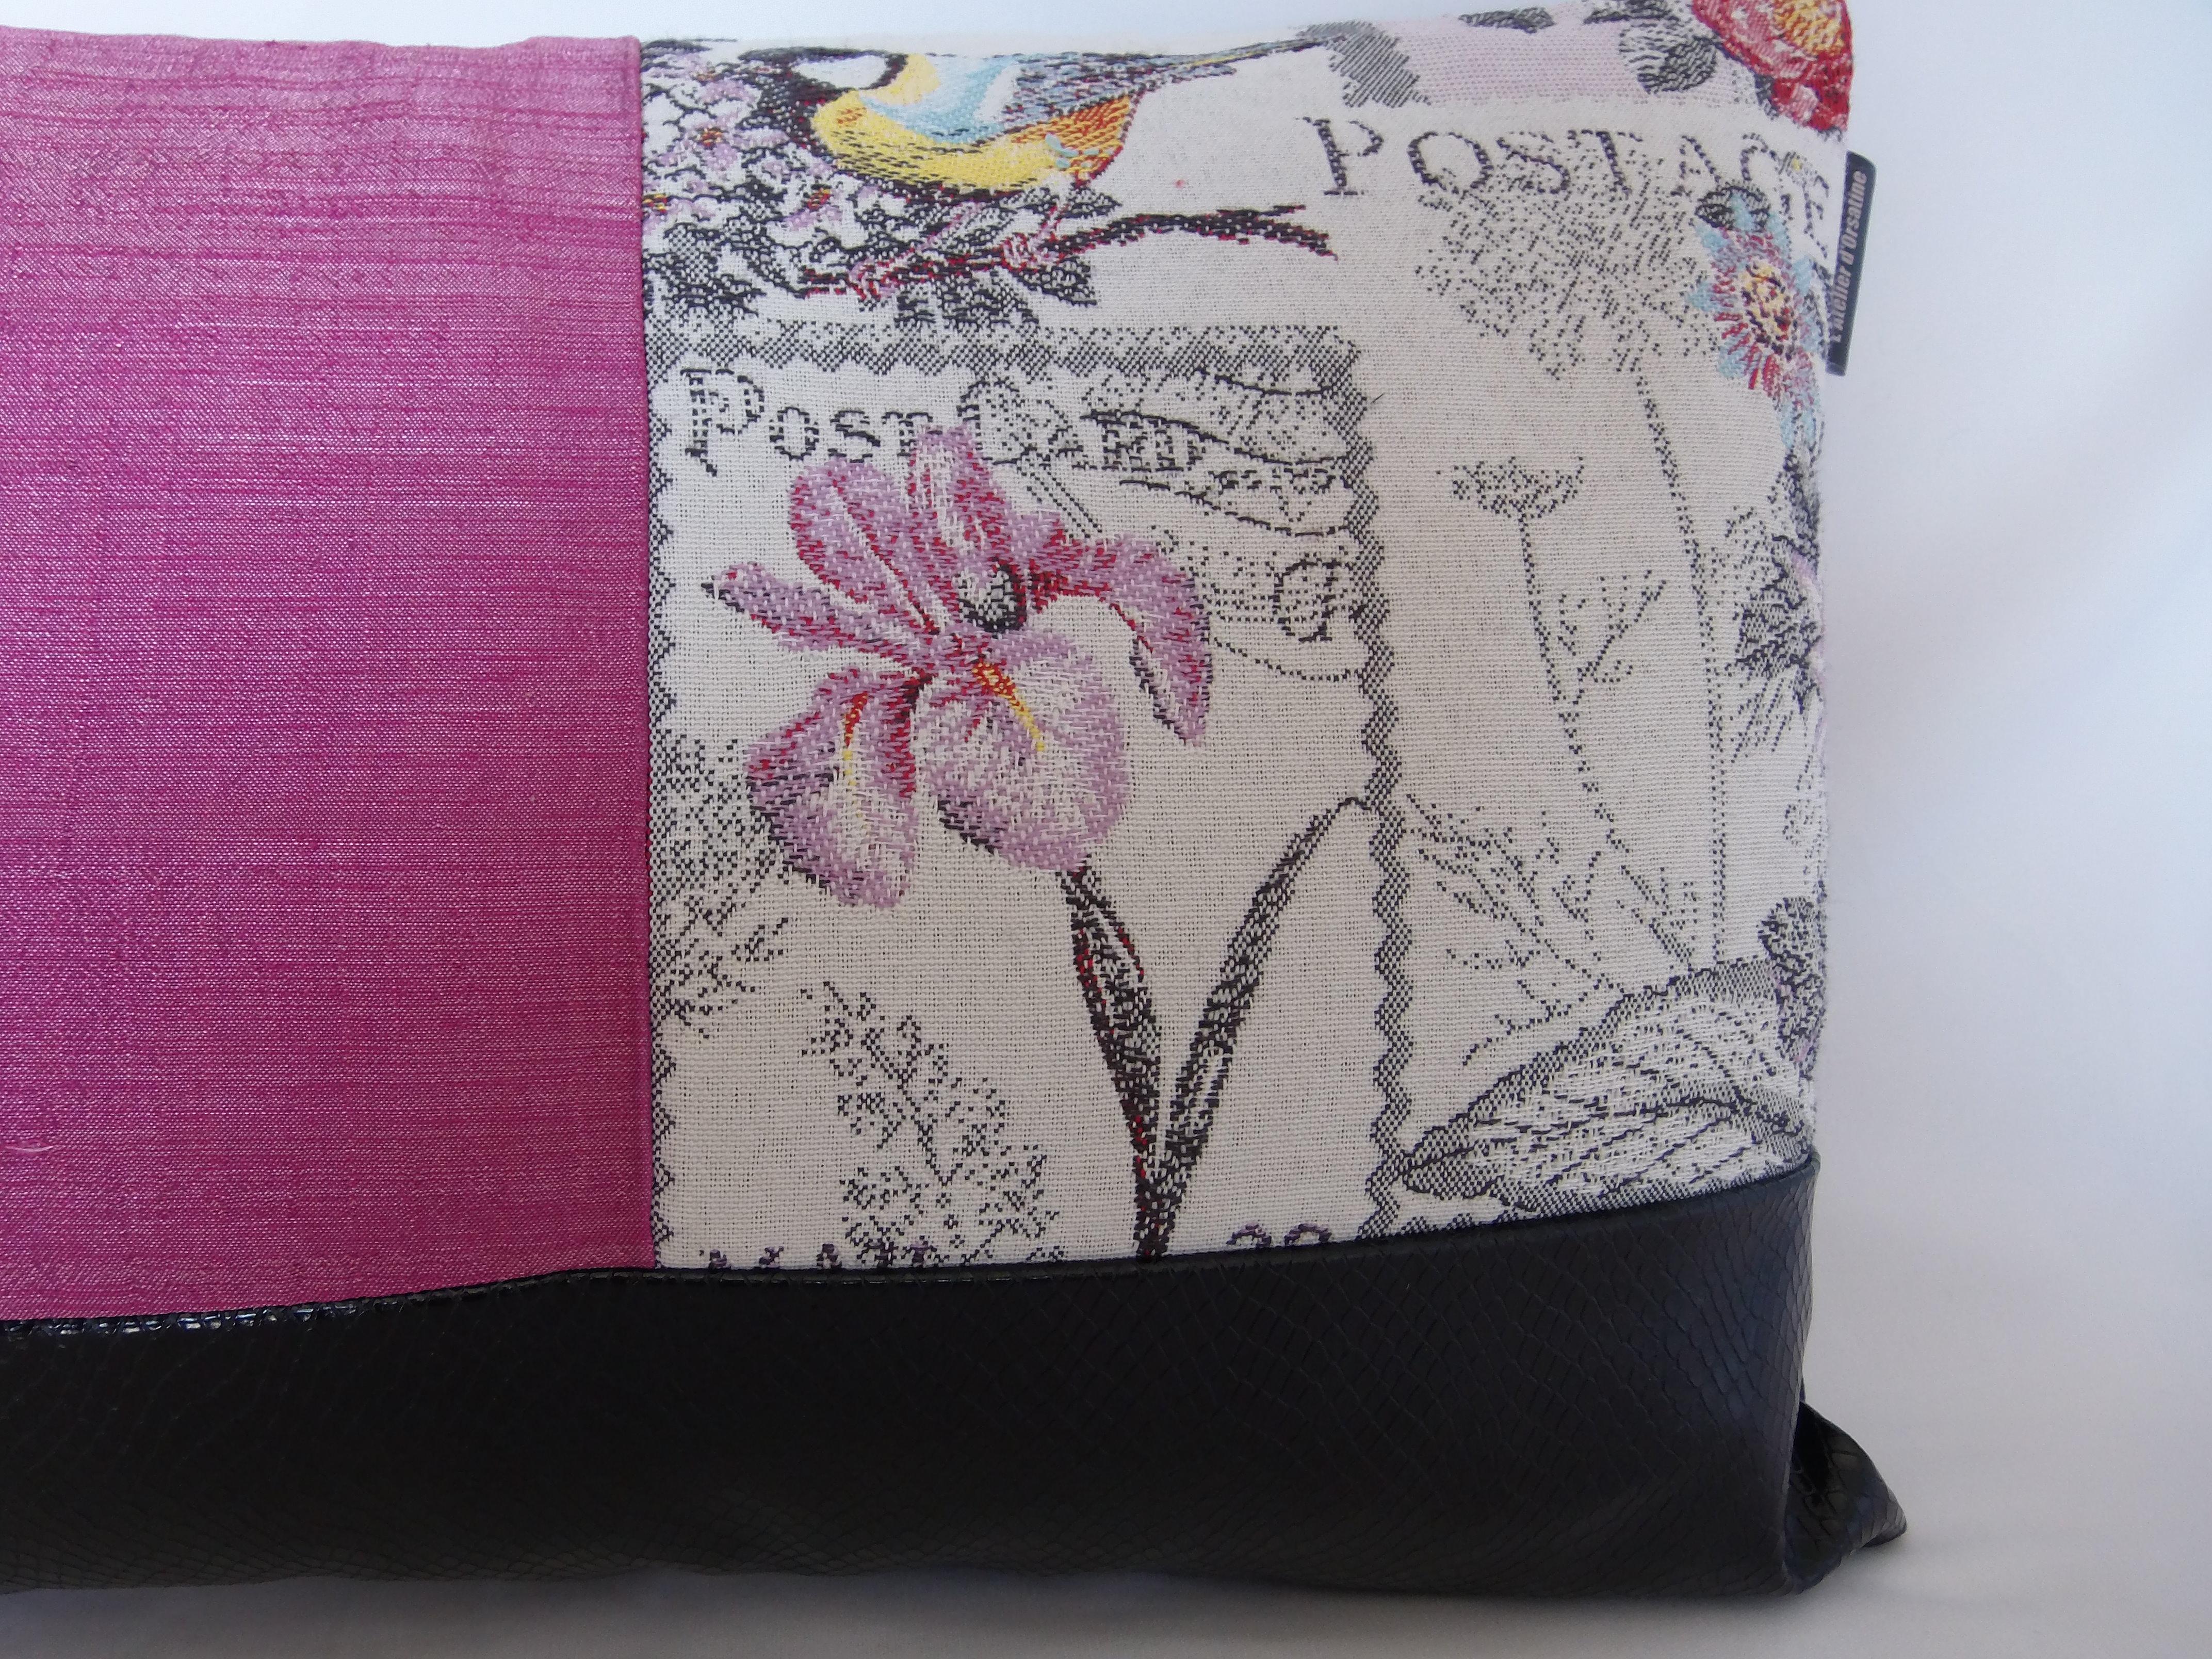 coussin boutons patchwork 30x50 mod le bougainvillea maison et deco textiles tapis par 22atelier27. Black Bedroom Furniture Sets. Home Design Ideas